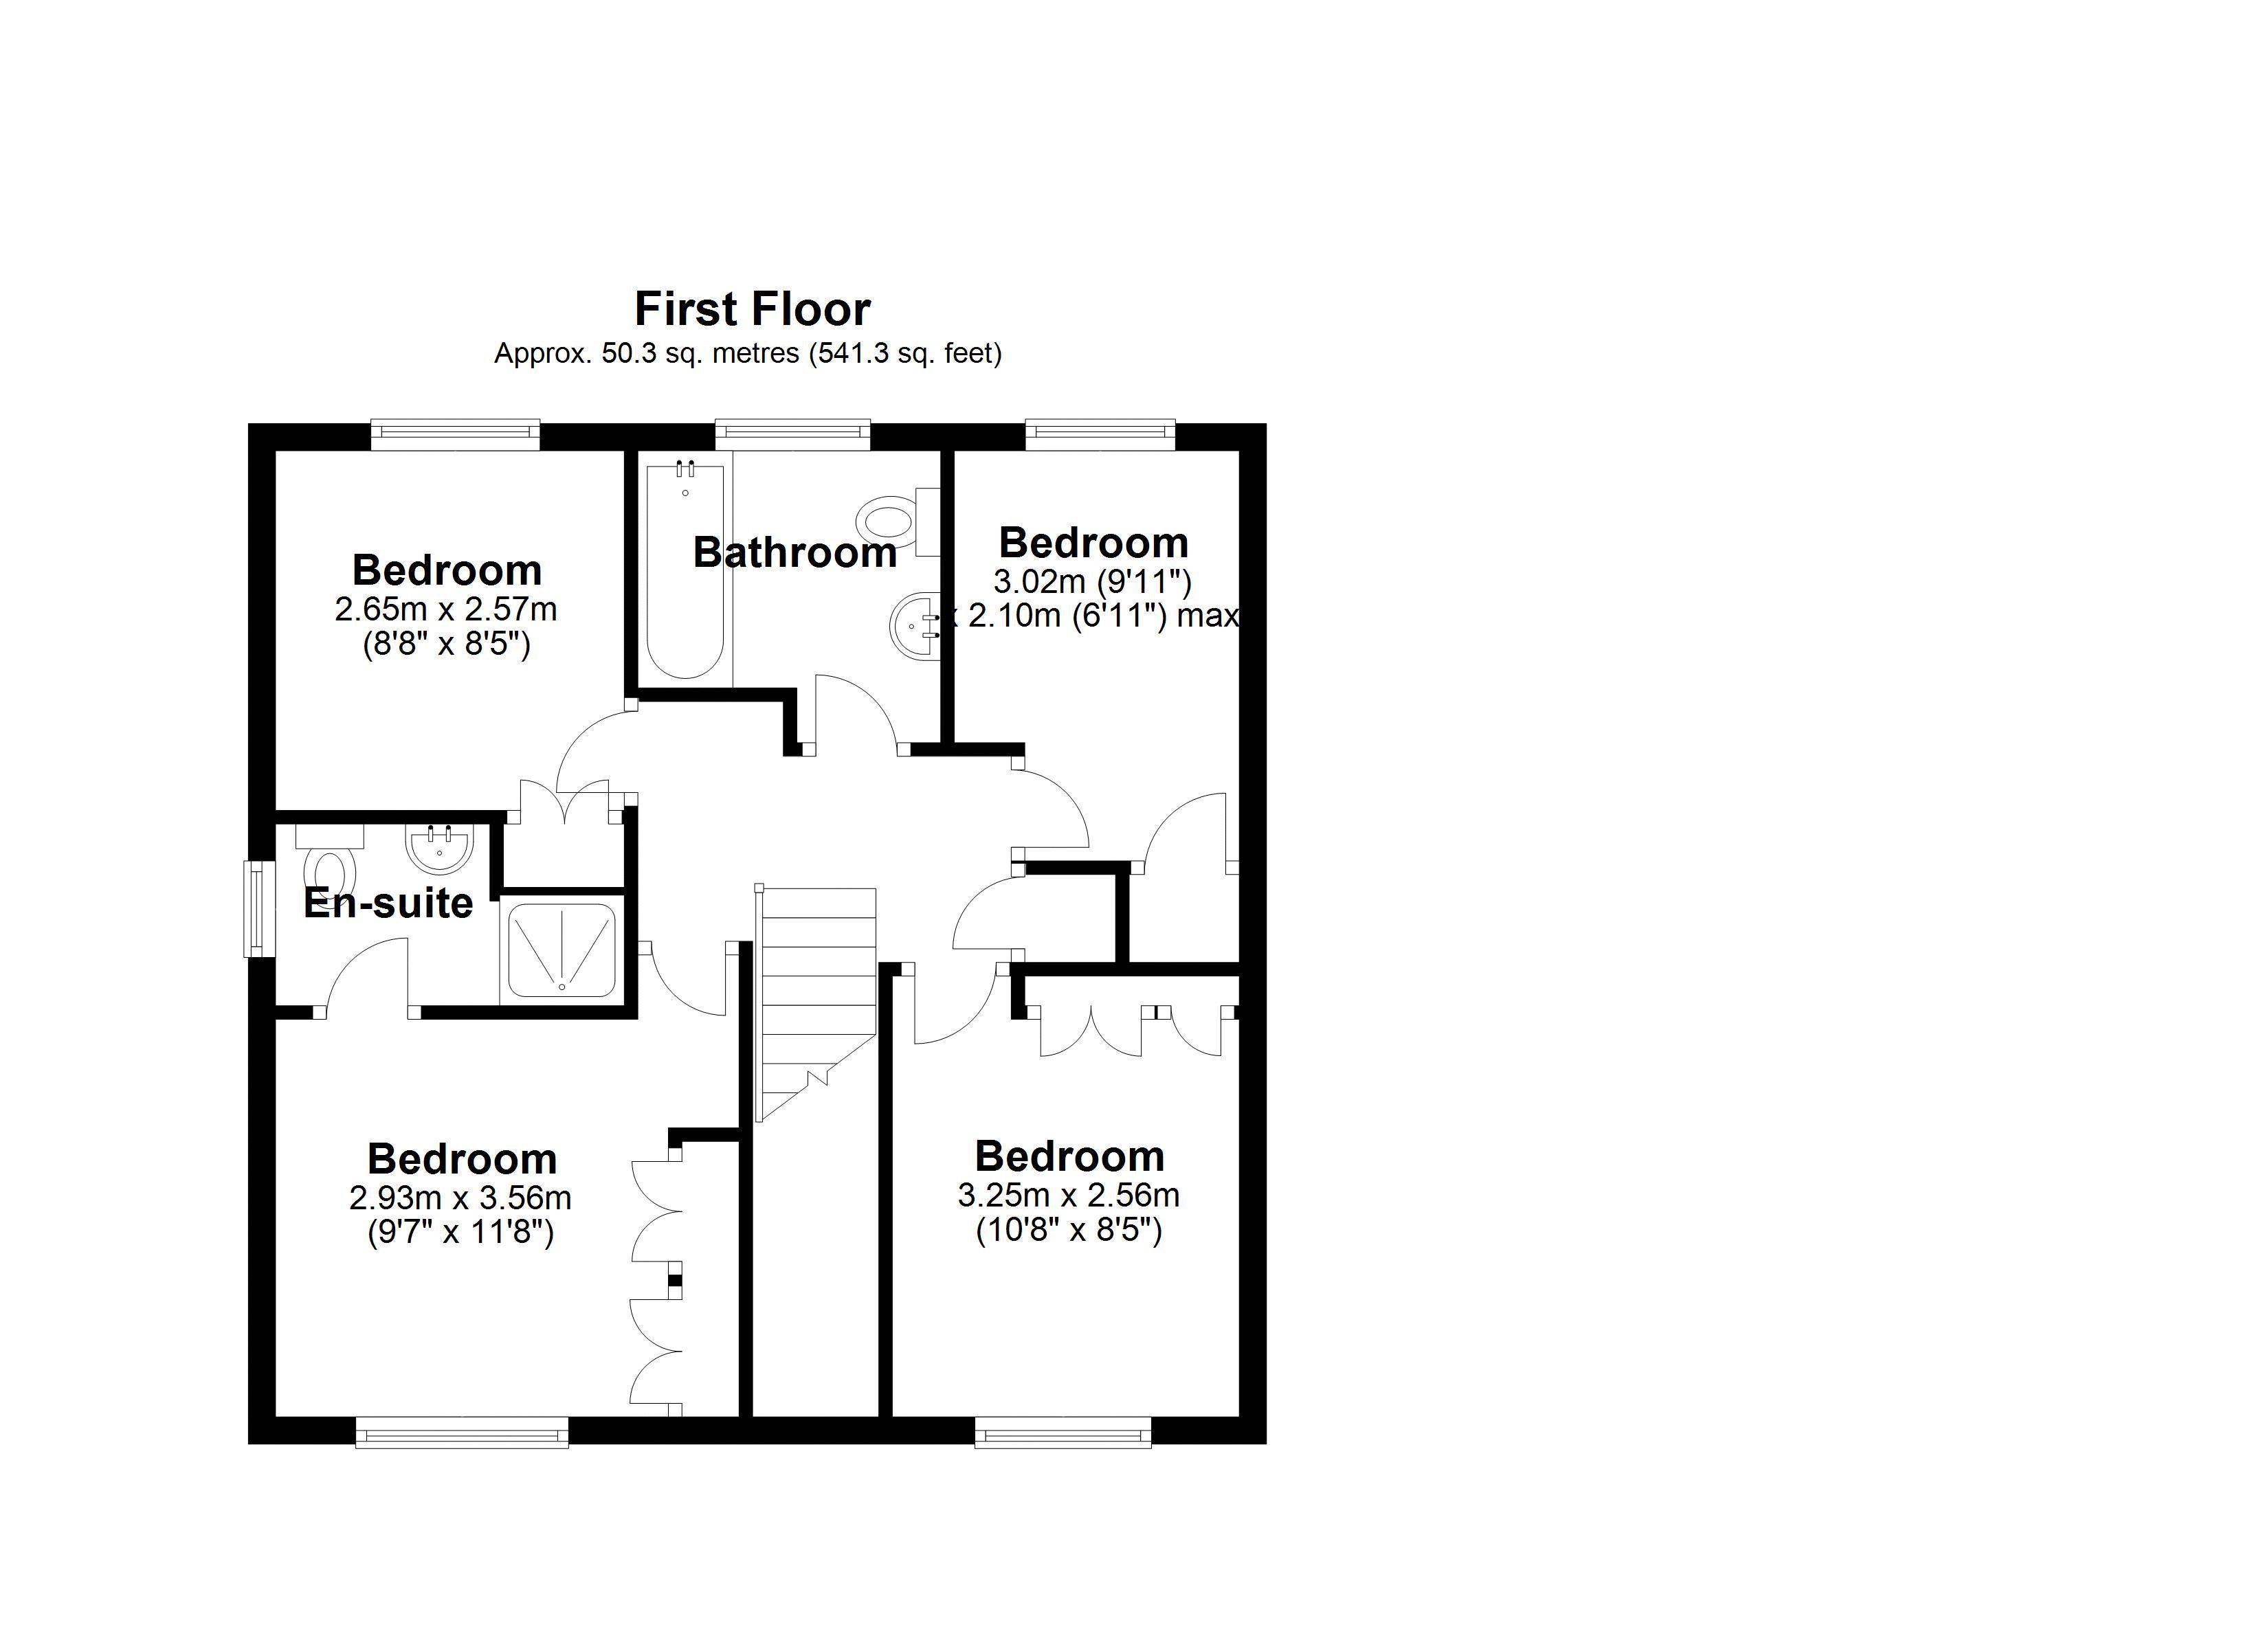 1 Montgomery first floor